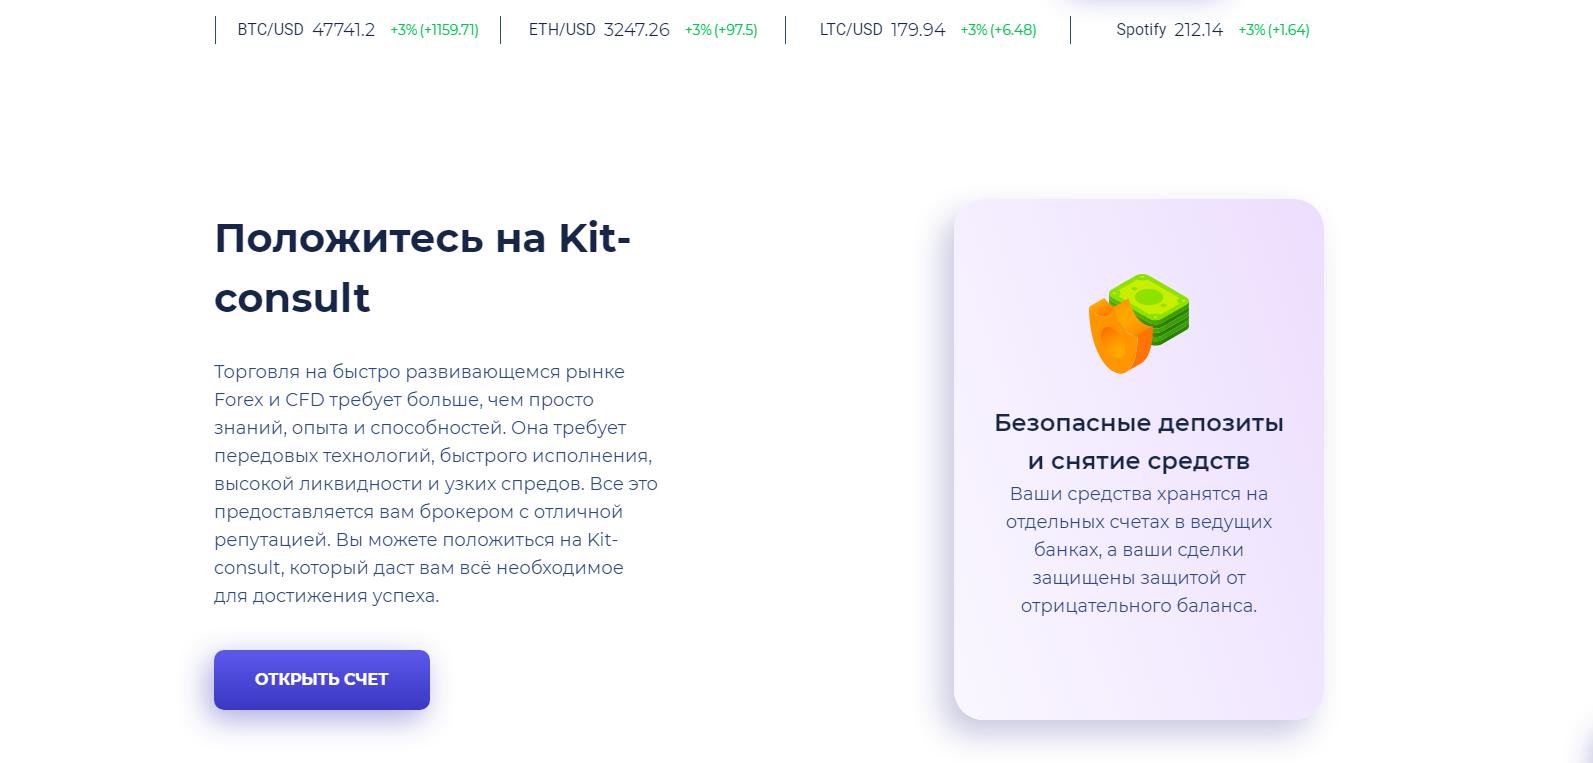 Главная страница Kit-consult